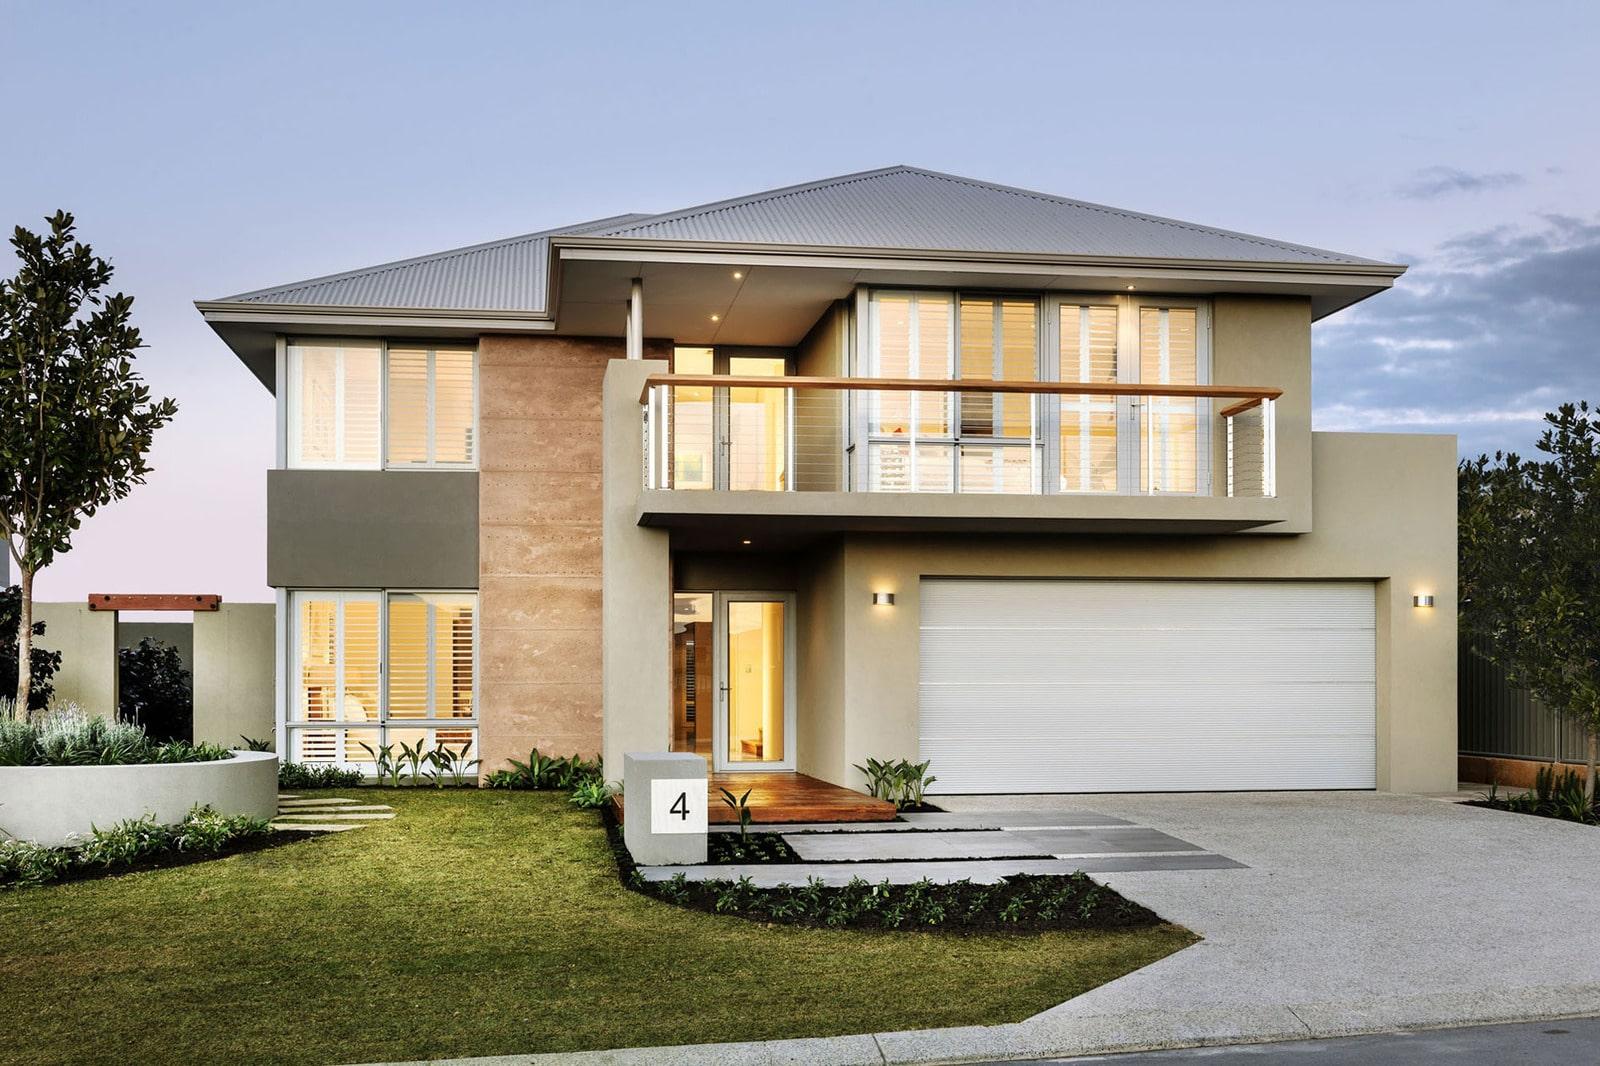 Dise o de casa moderna de dos pisos fachada e interiores for Planos y fachadas de casas pequenas de dos plantas